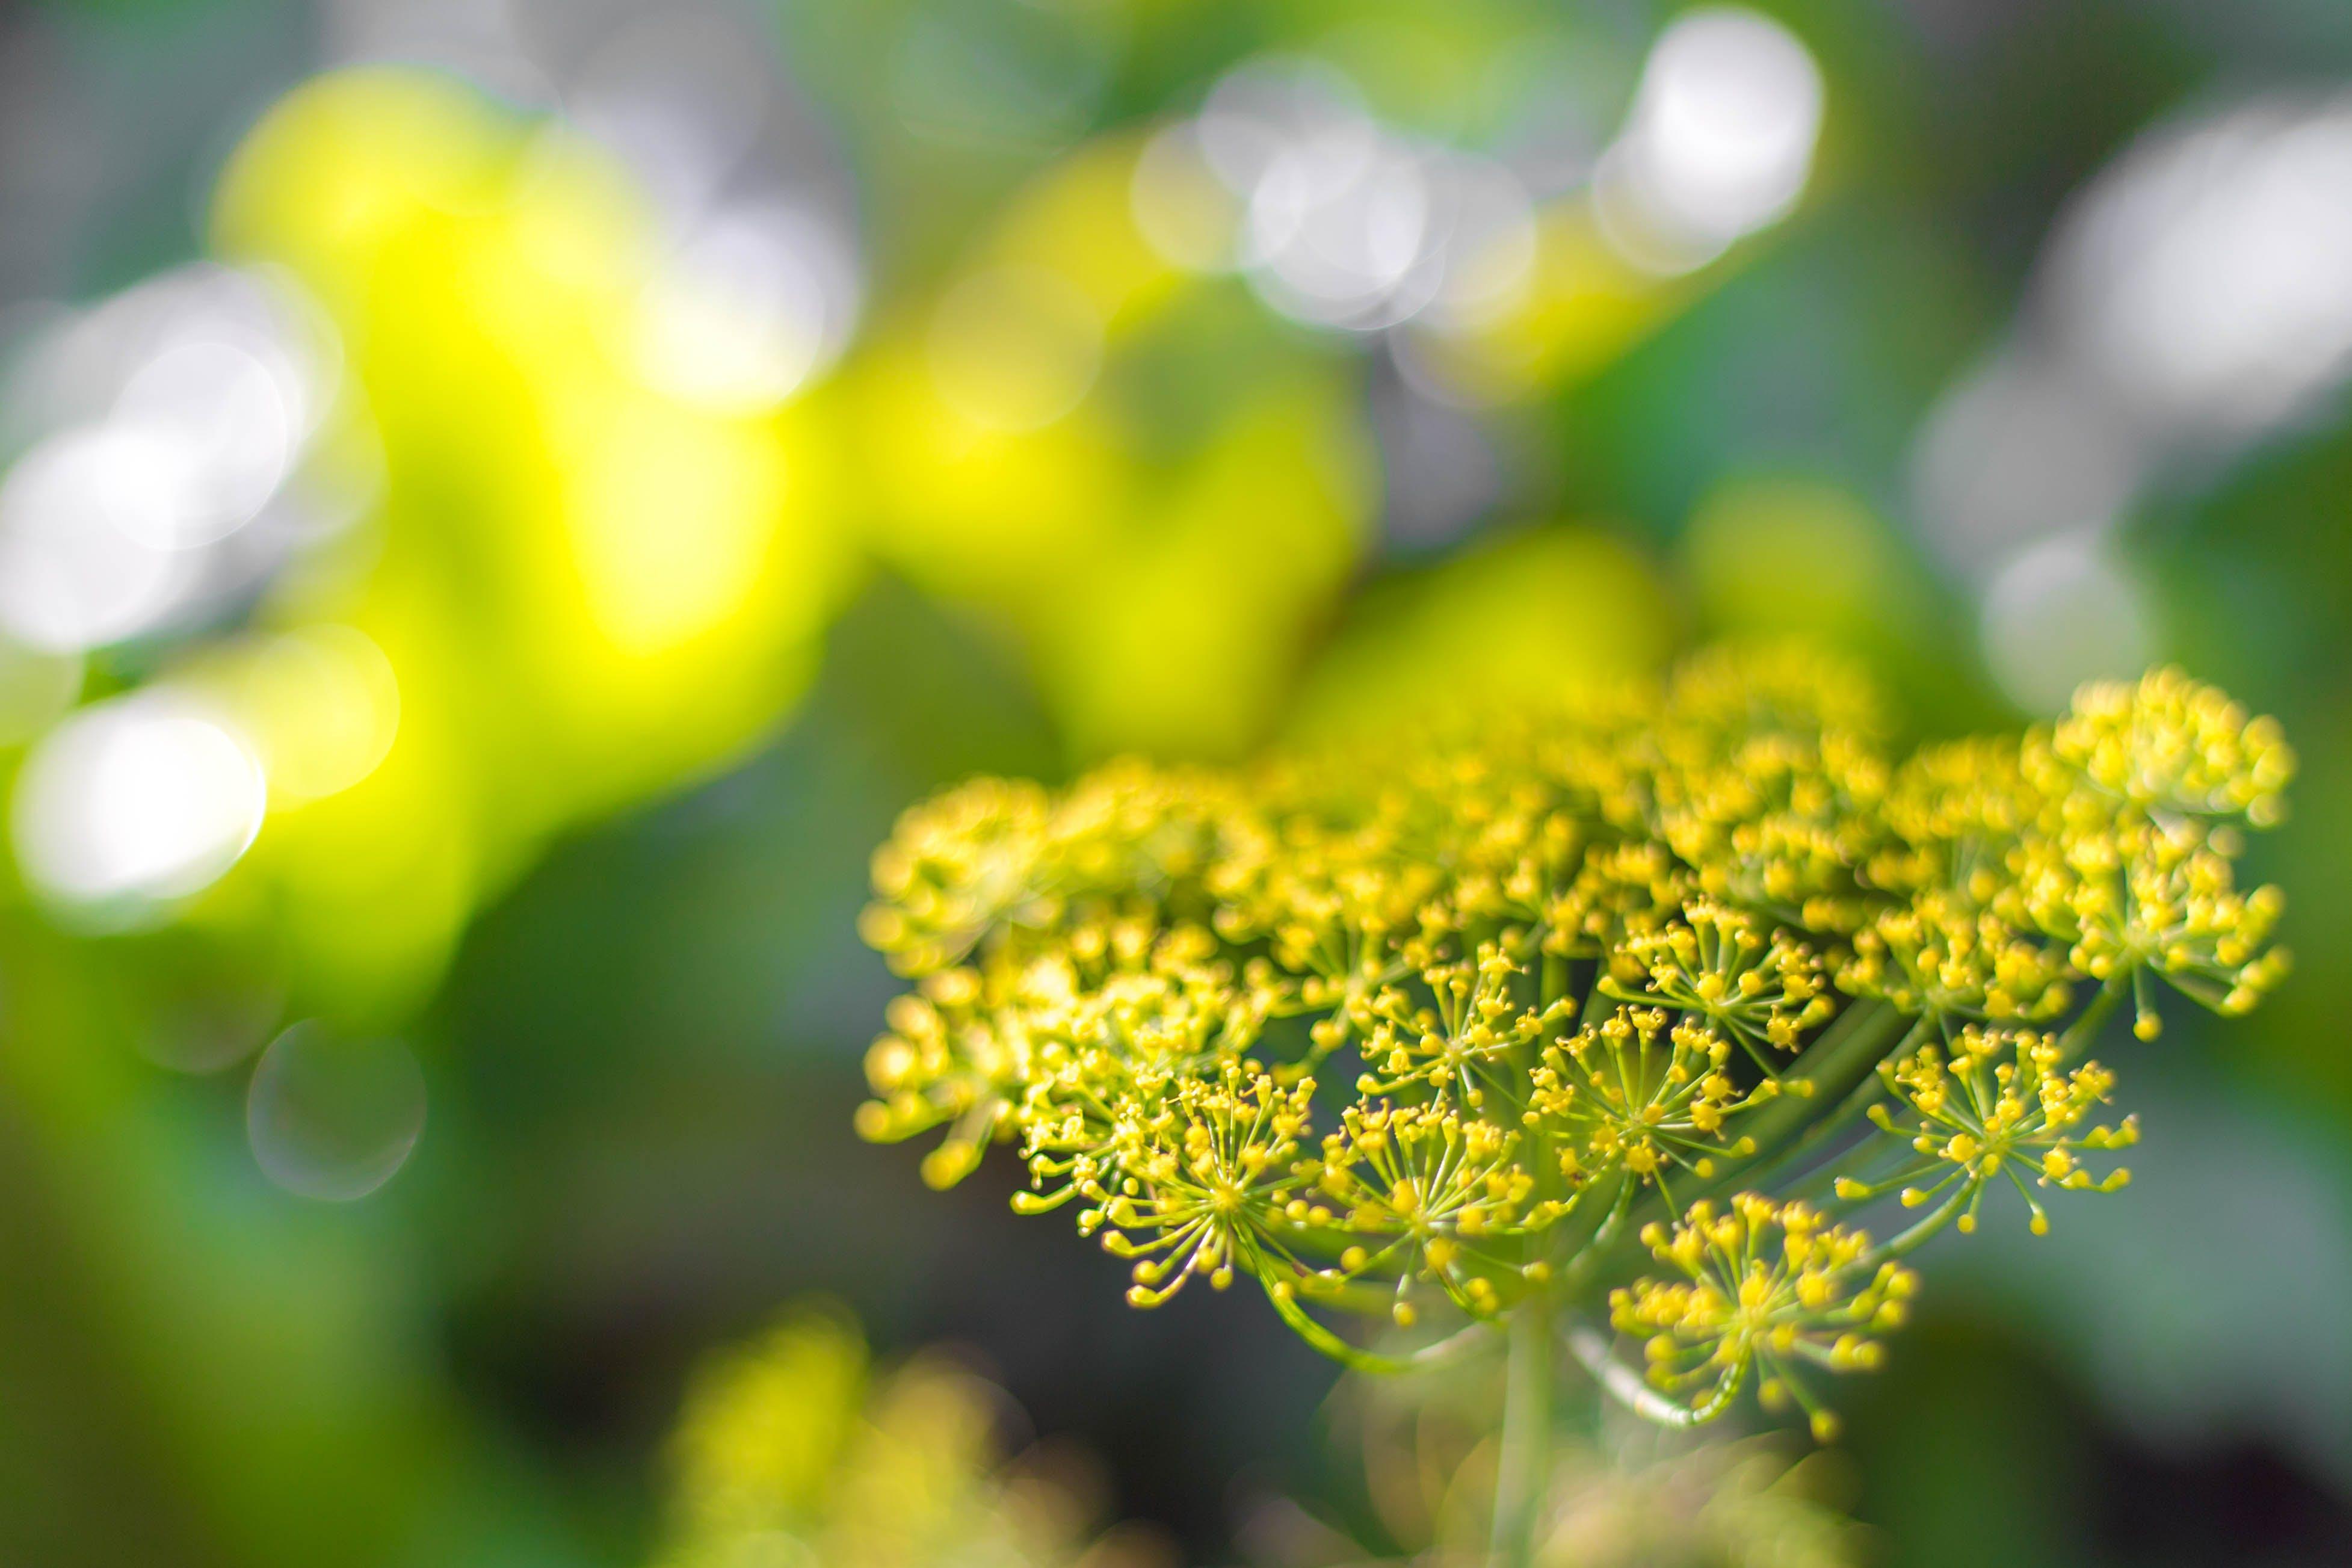 Gratis lagerfoto af blomster, græs, grøn, grøntsager